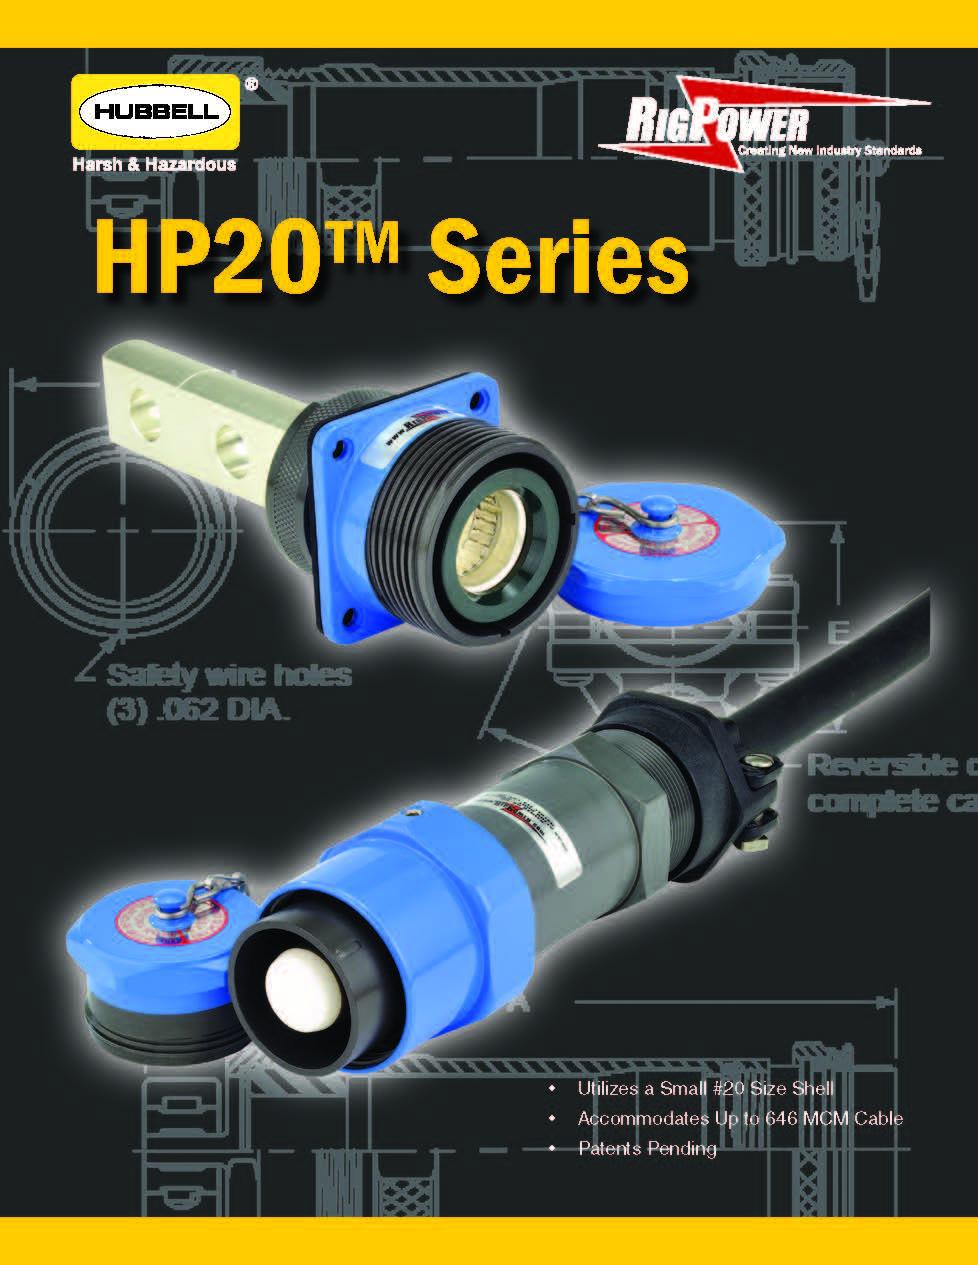 HP20 Series